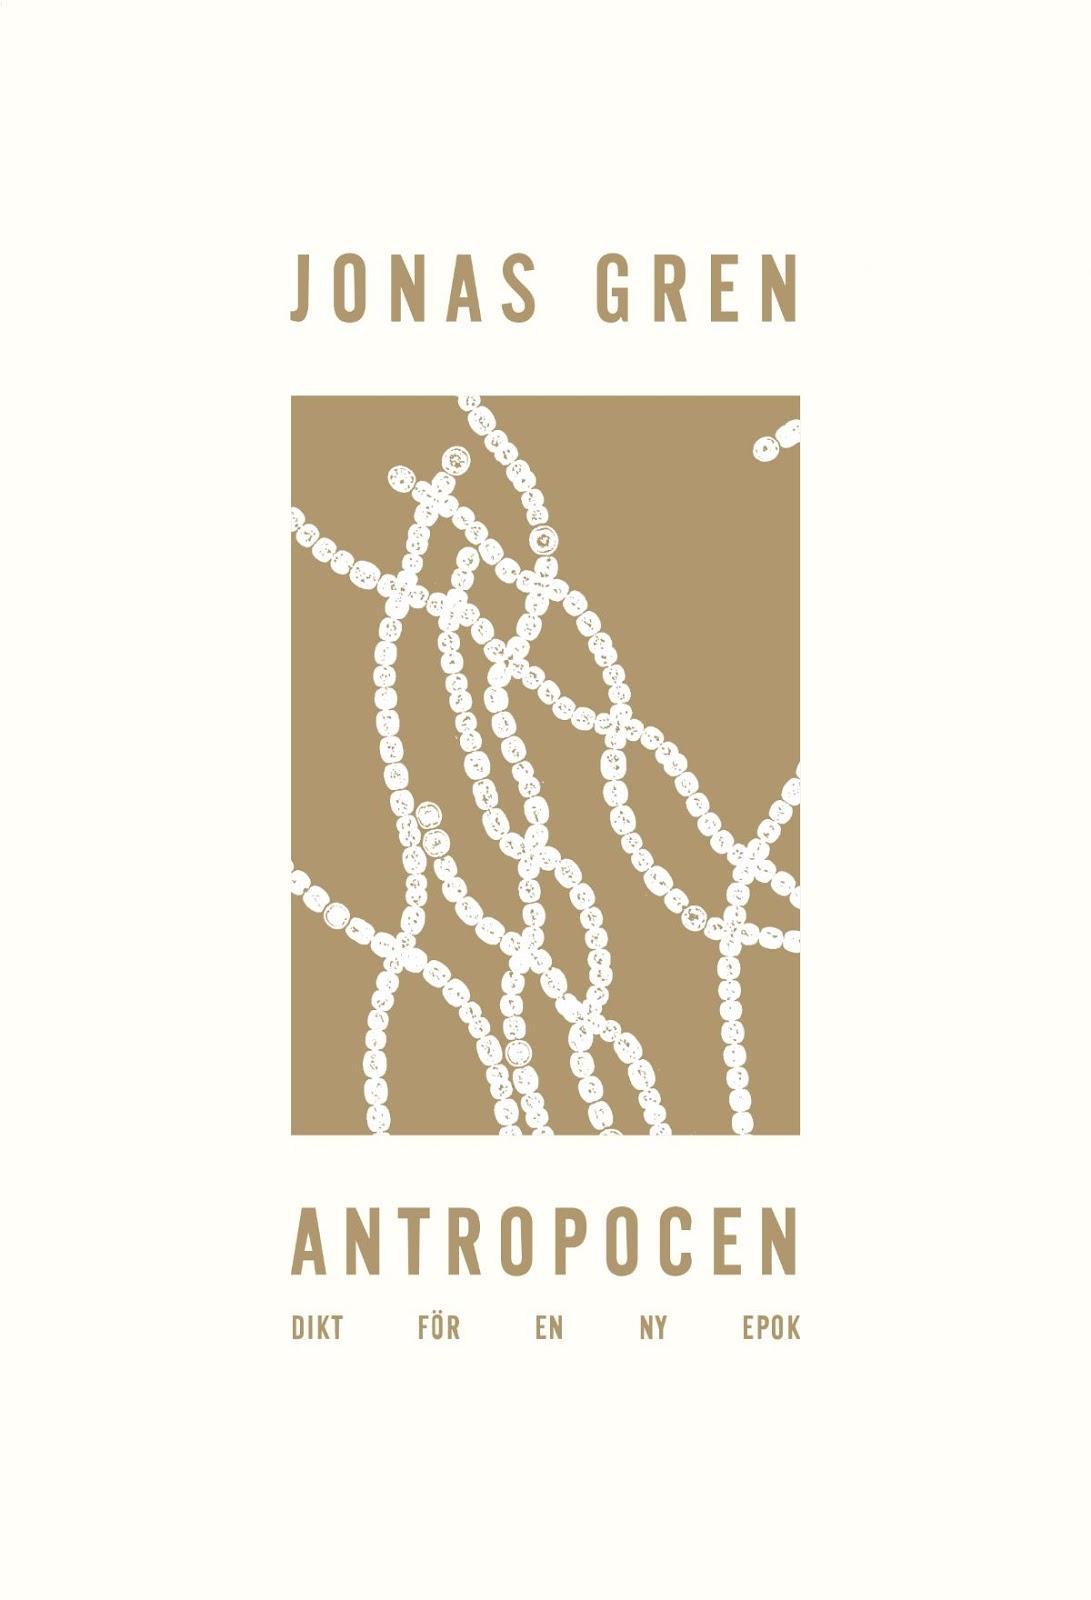 antropocen-for-en-ny-gren